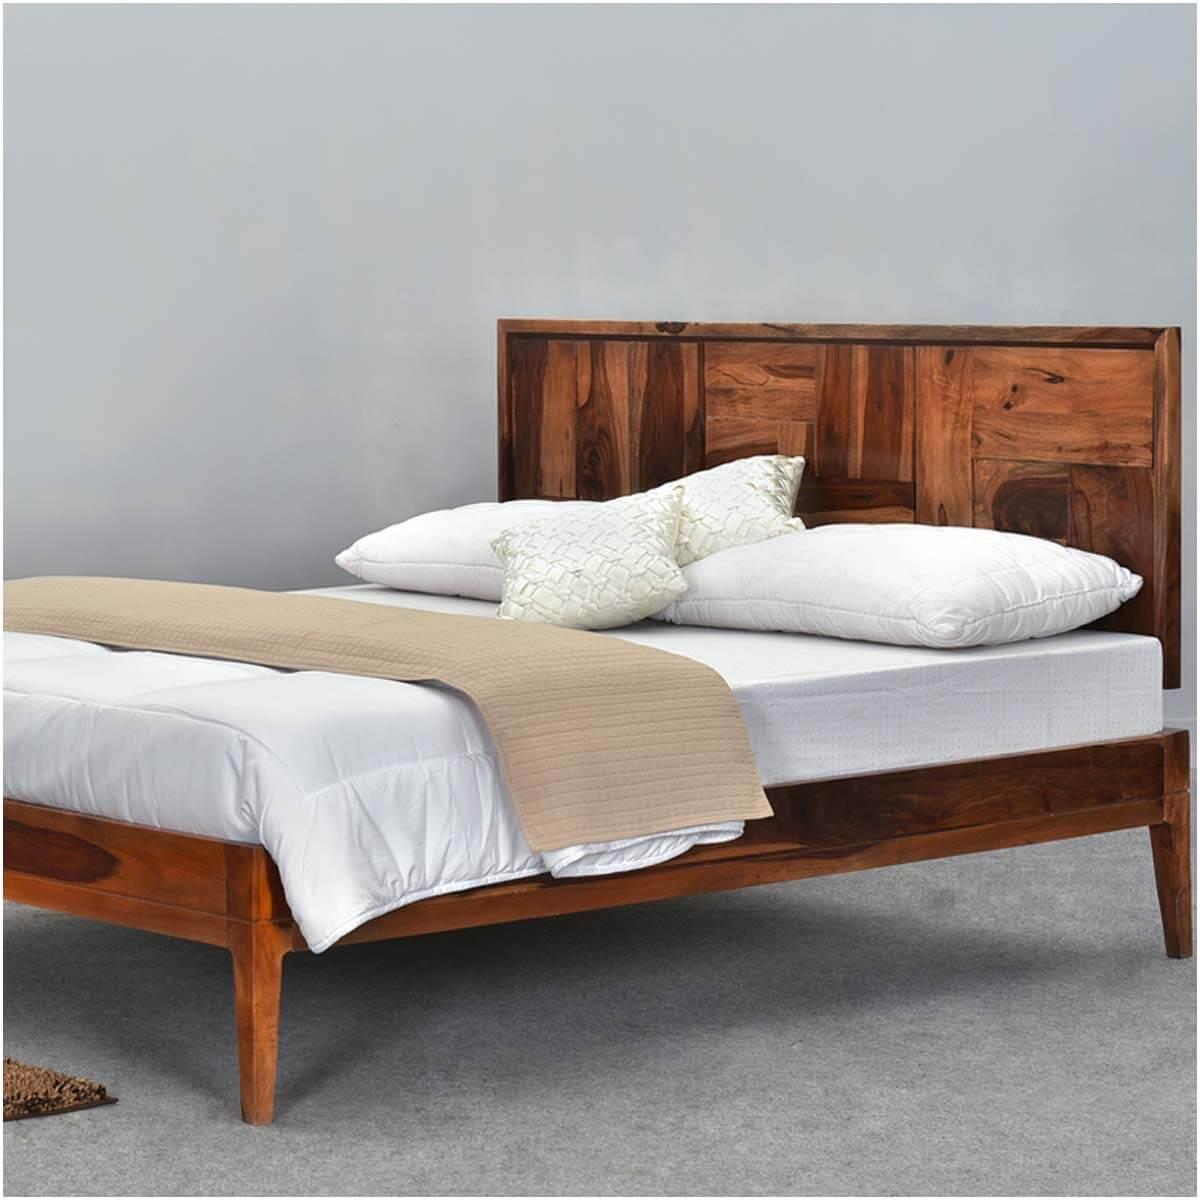 Sunrise Modern Pioneer Solid Wood Full Size Platform Bed Frame